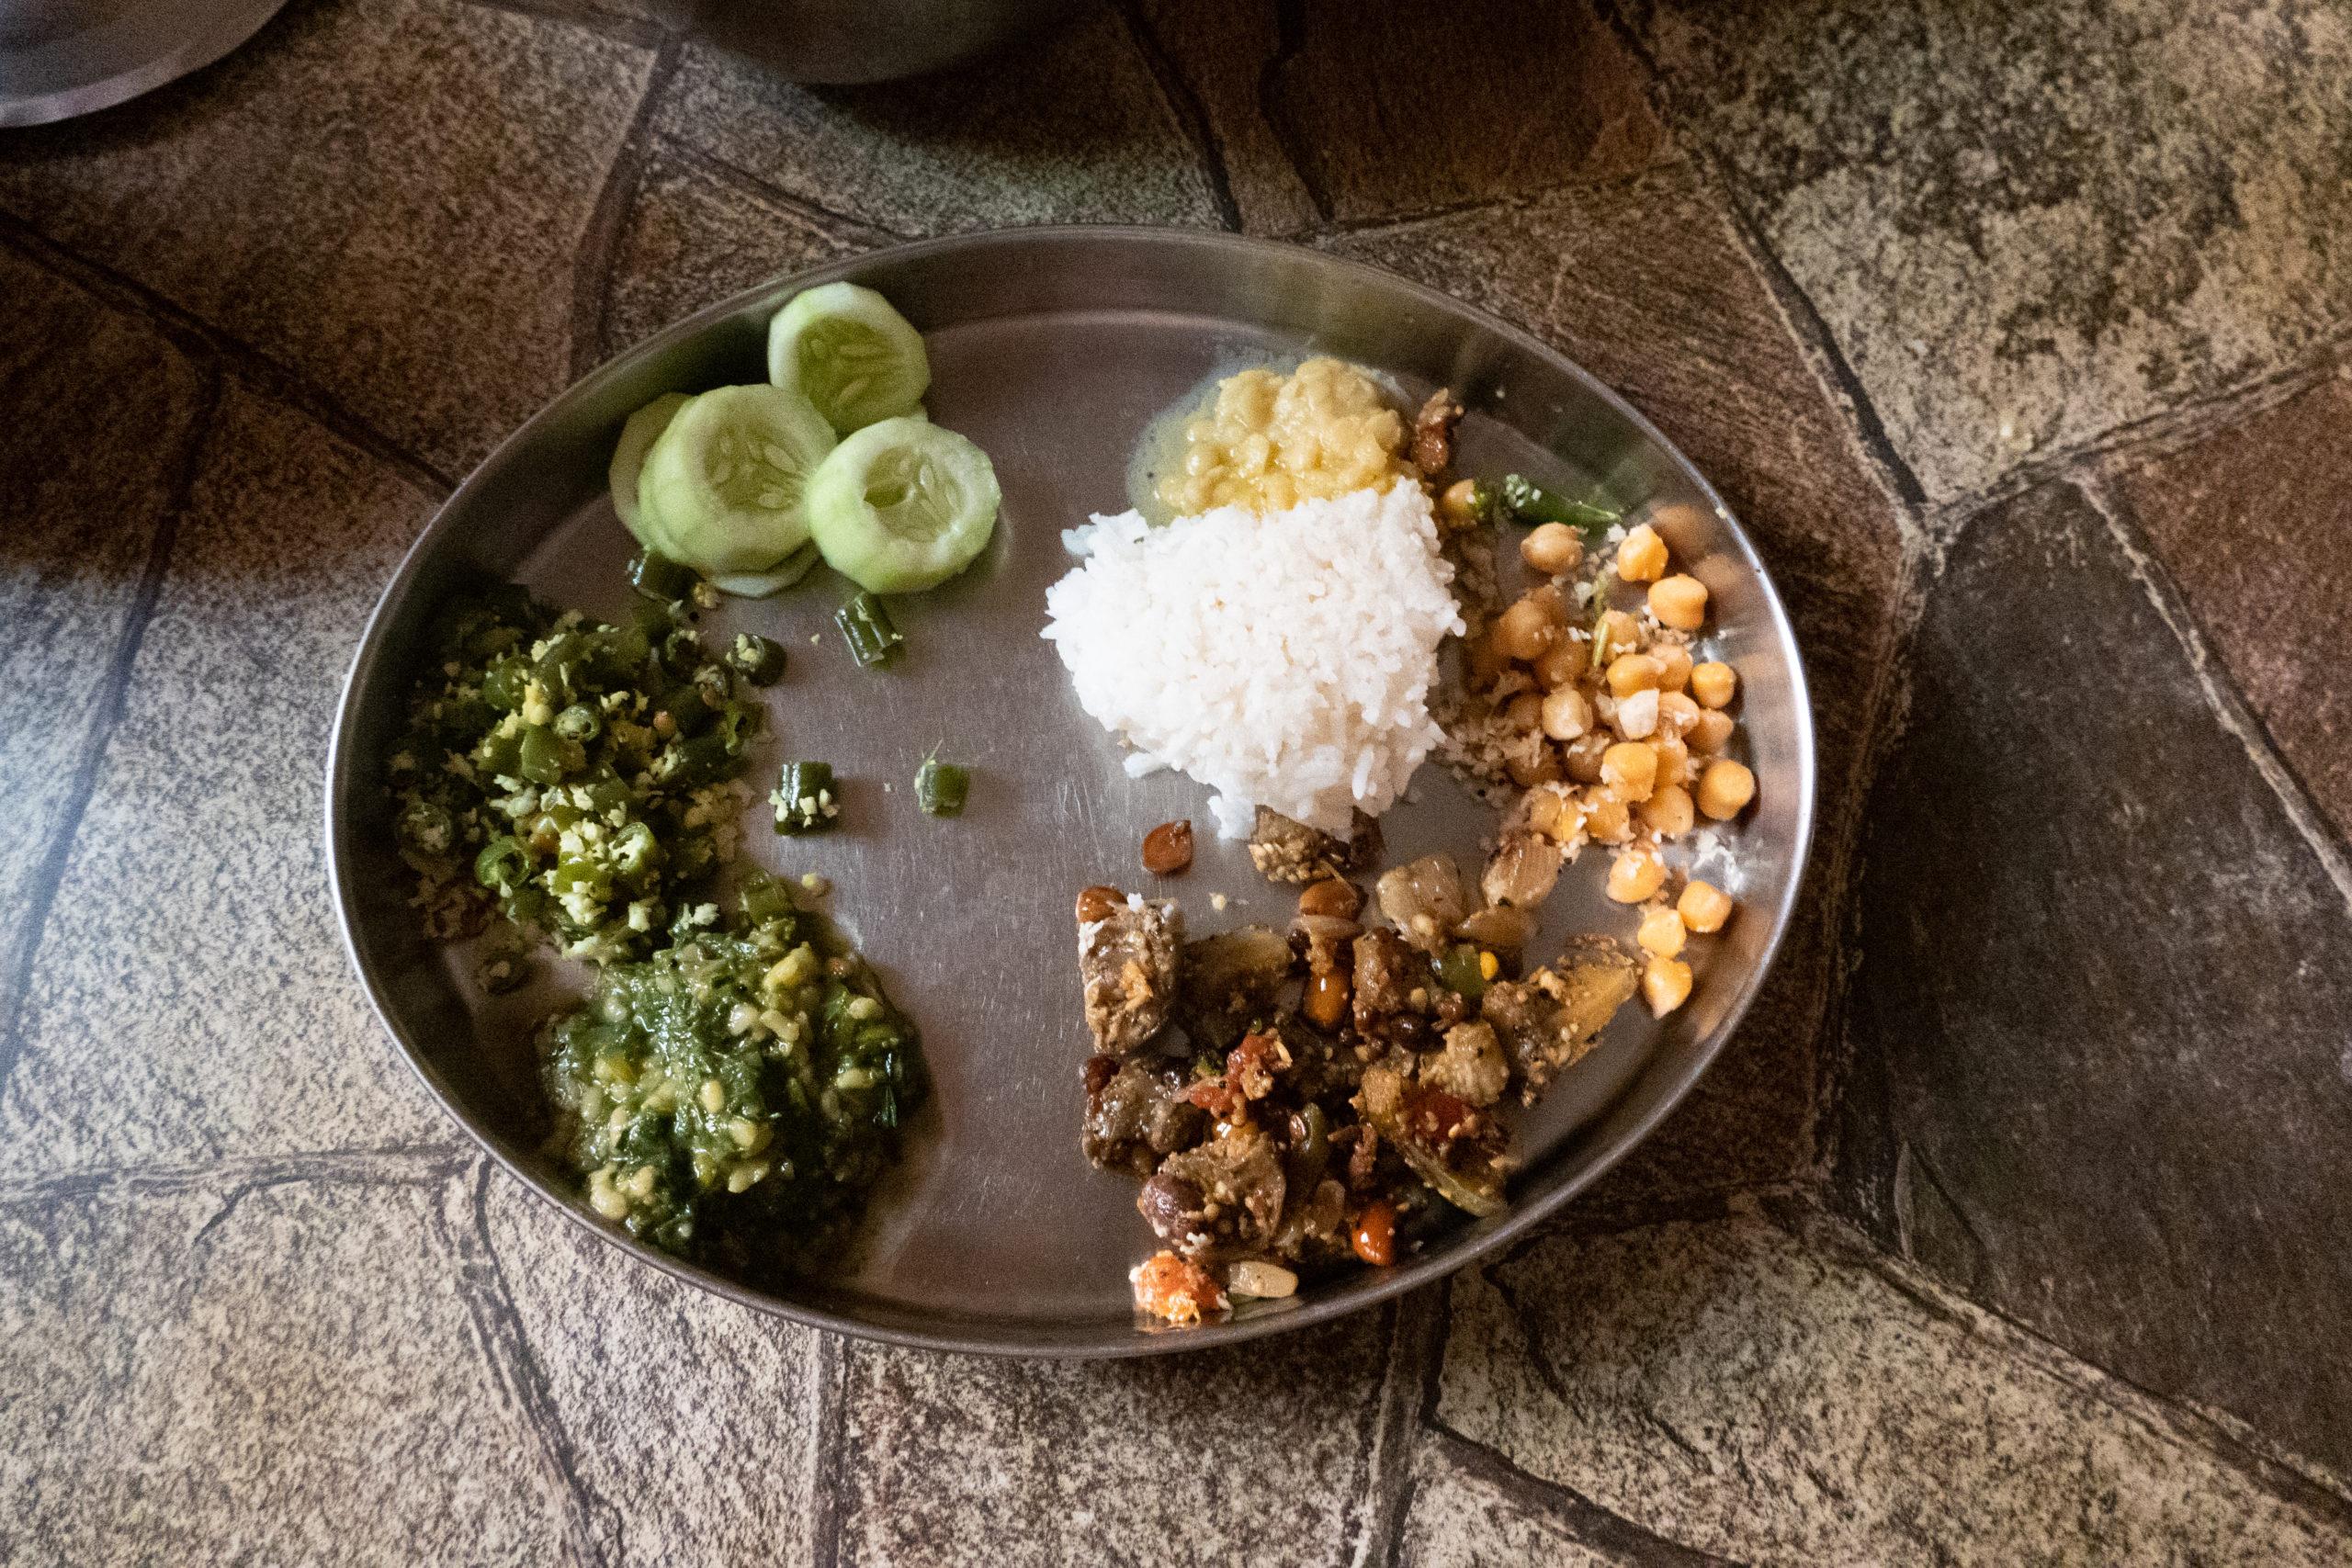 シッダ医学の伝統レシピ